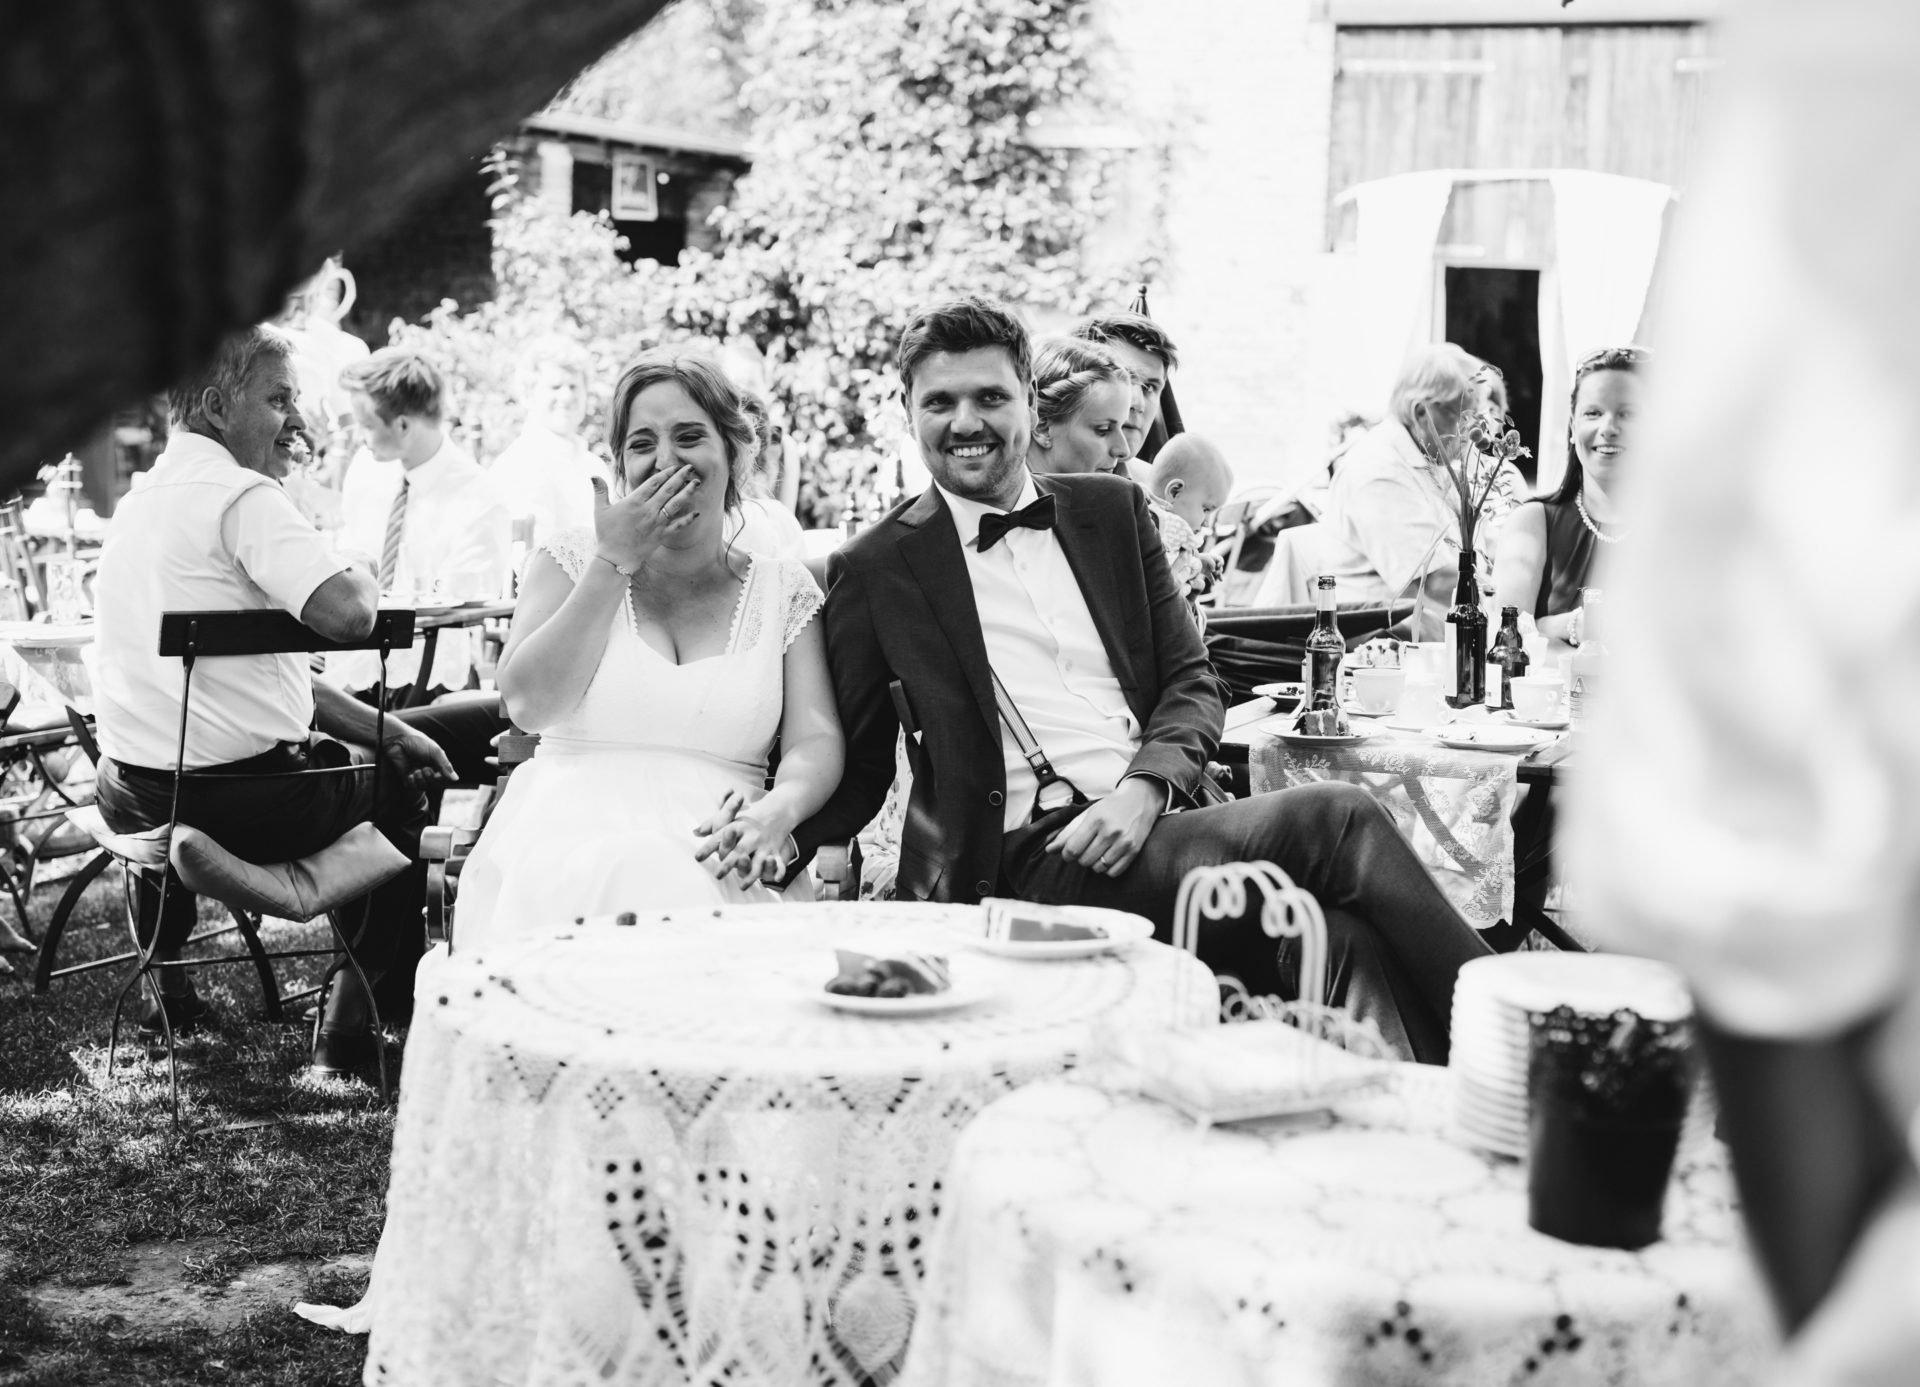 50mmfreunde Berlin Hochzeit 057 1920x1387 - Sommerhochzeit in dem Vierseithofcafé im Berliner Umland